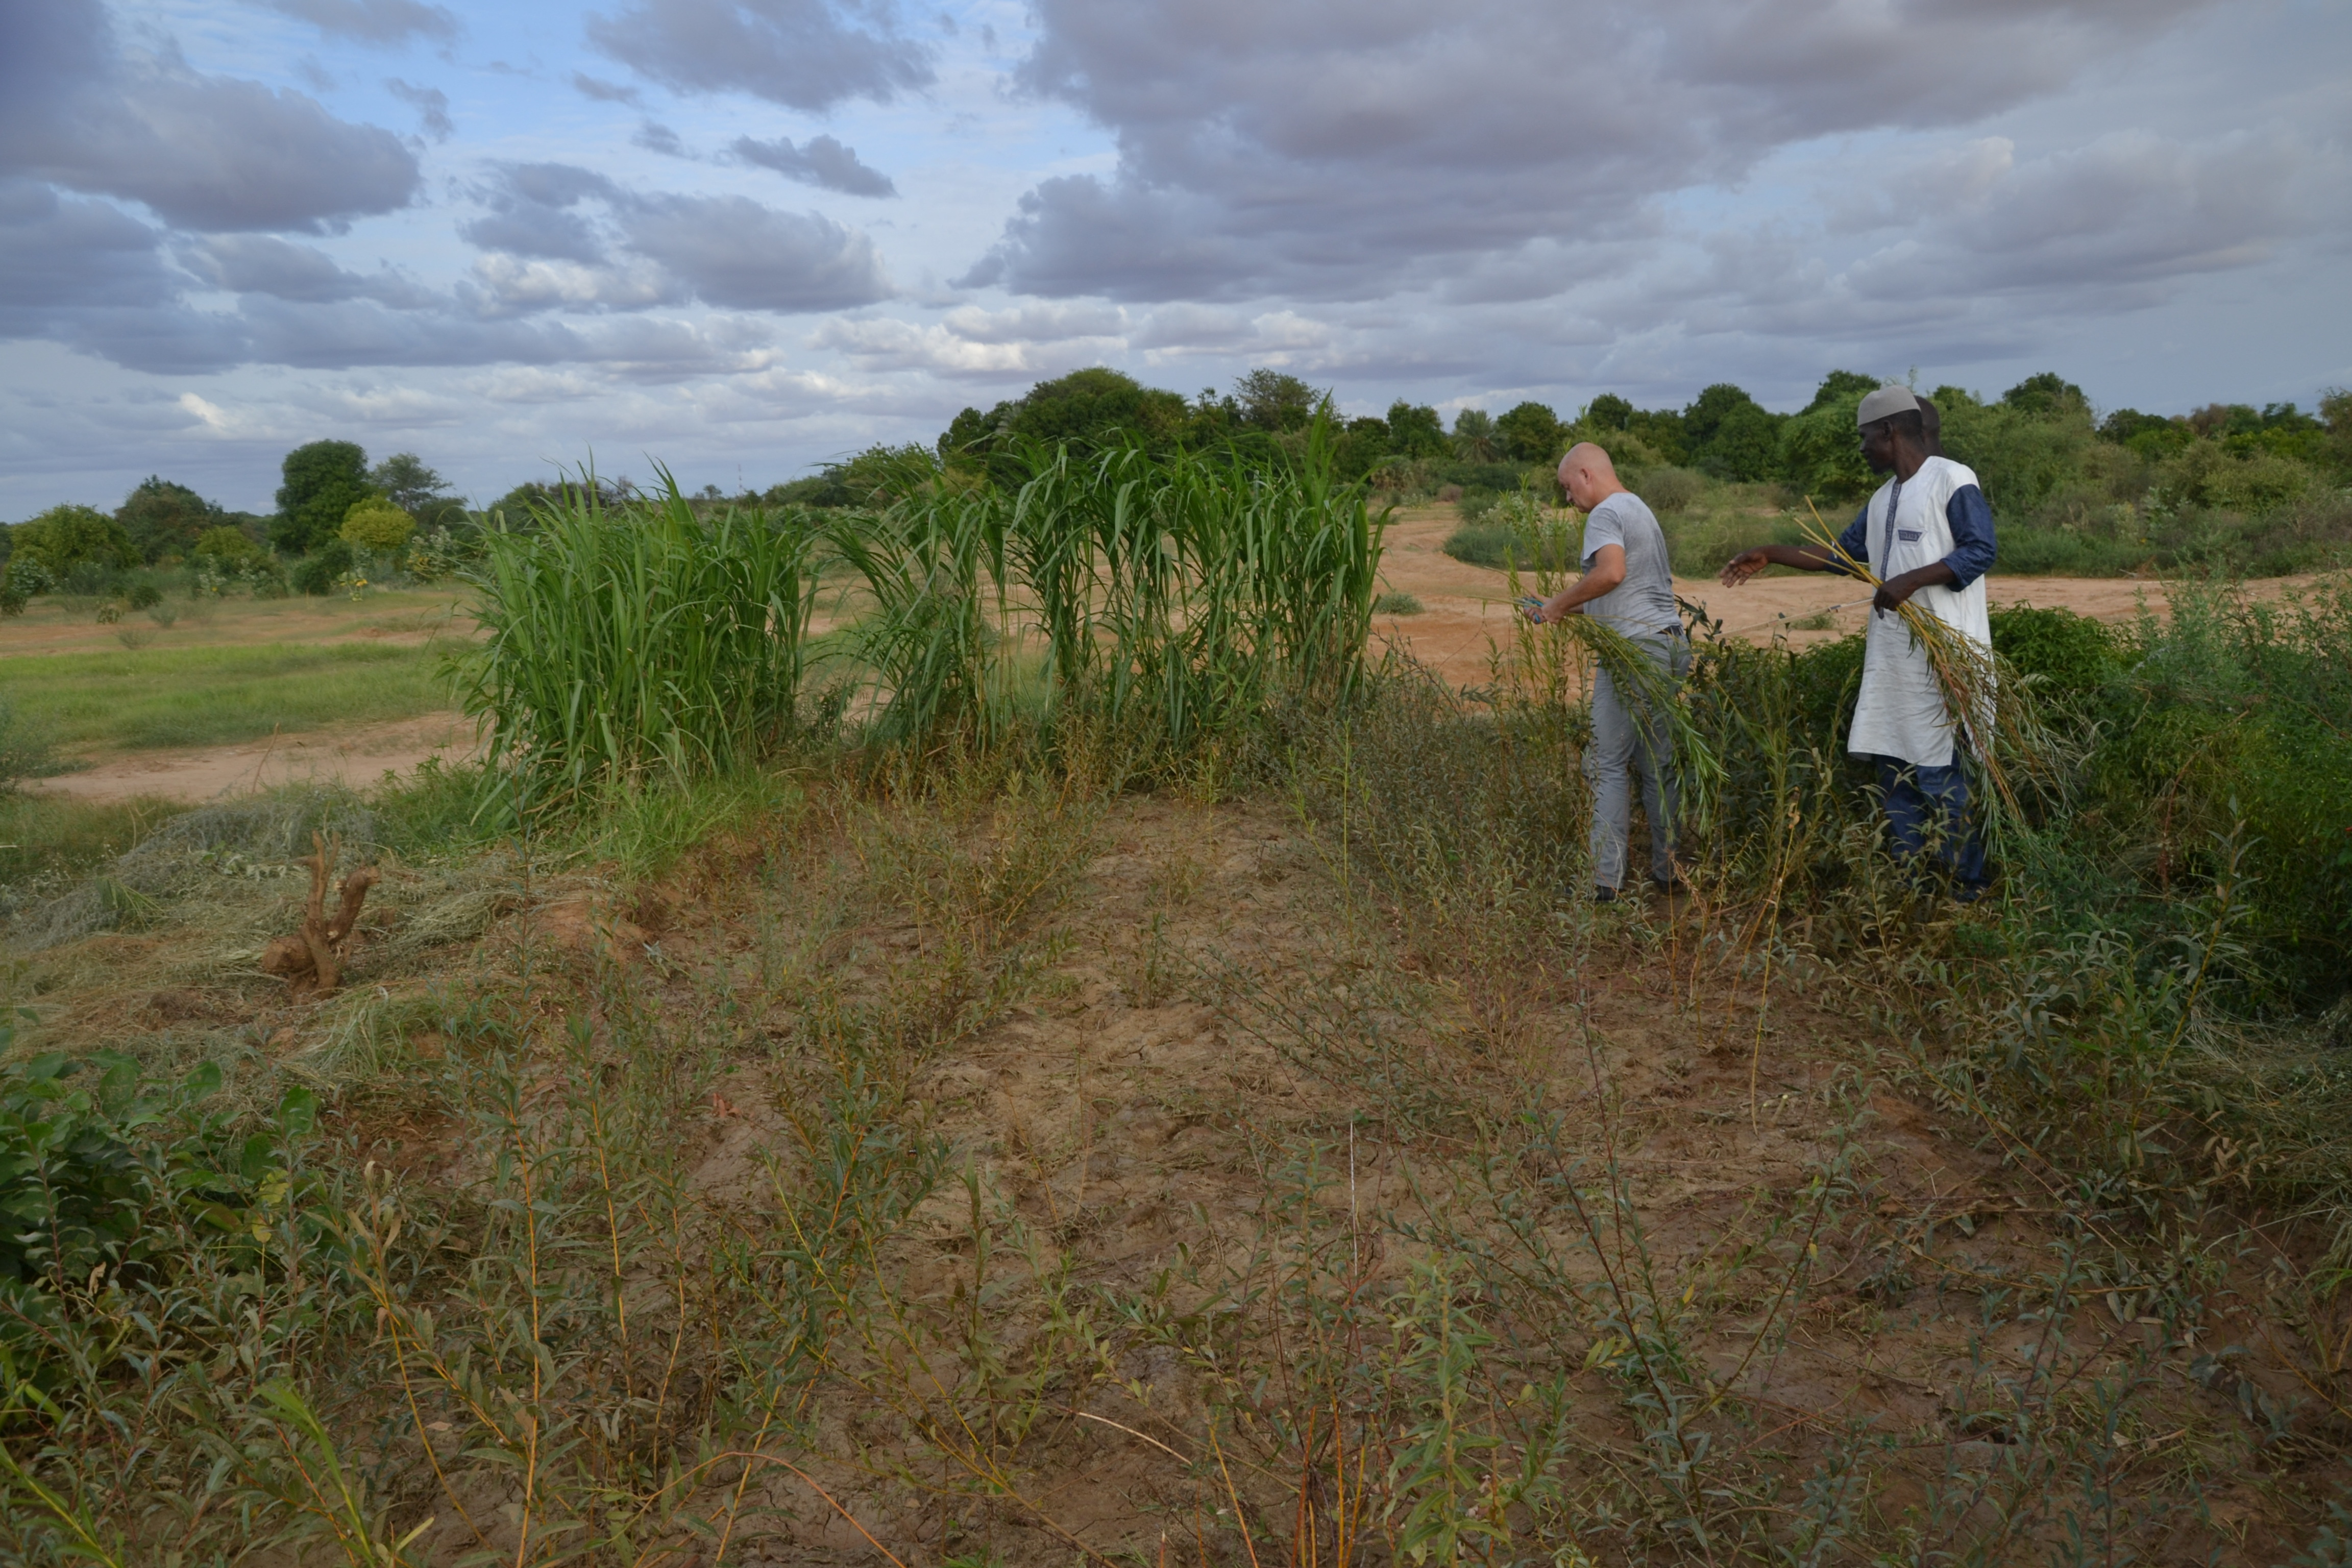 Weiden in Walaldé, Senegal für das Korbflechthandwerk